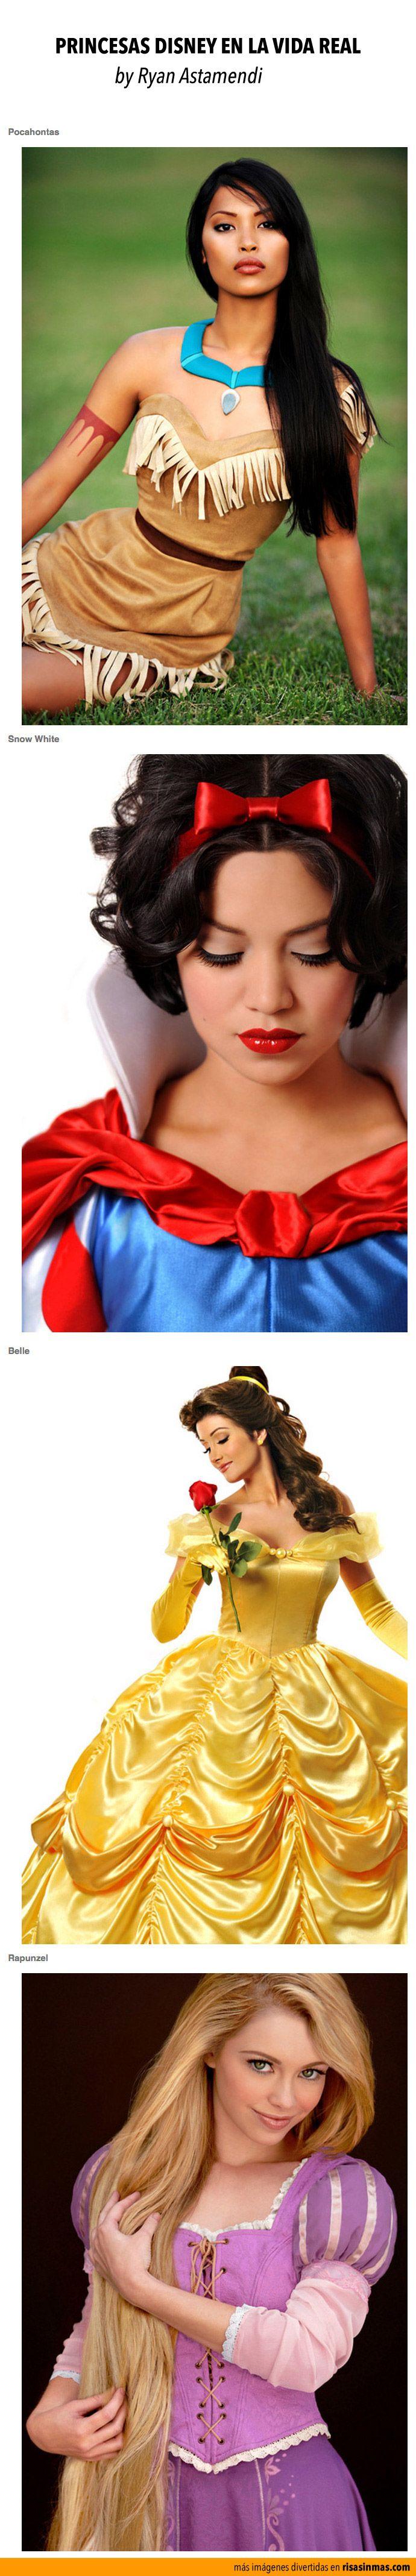 Princesas Disney en la vida real. Por Ryan Astamendi.                                                                                                                                                                                 Más